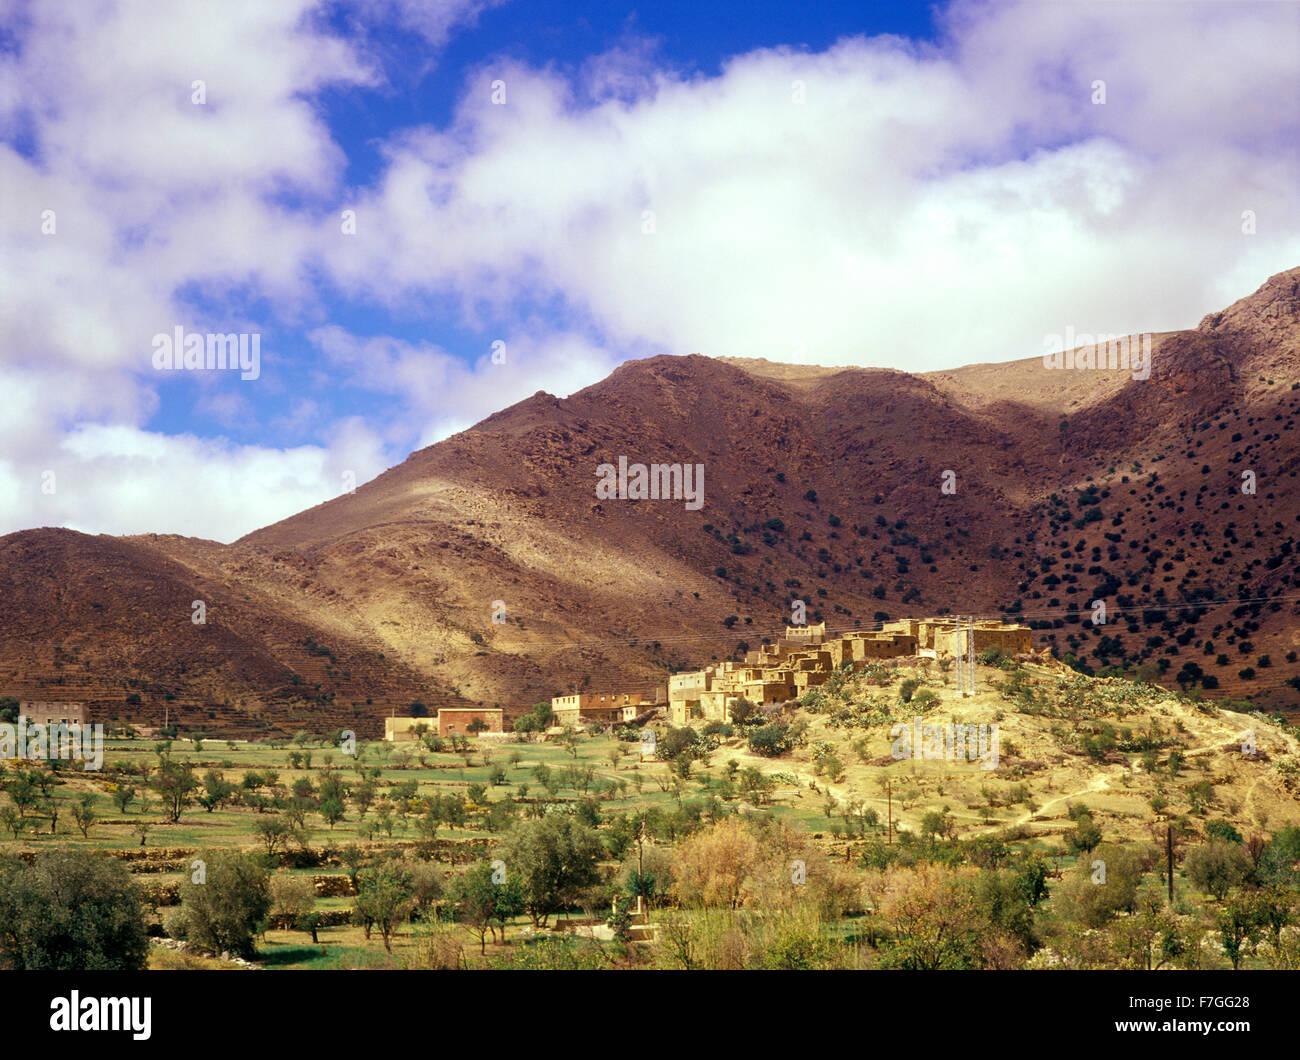 Un ksar est une forme traditionnelle de l'architecture constitué d'un groupe de bâtiments en terre Photo Stock